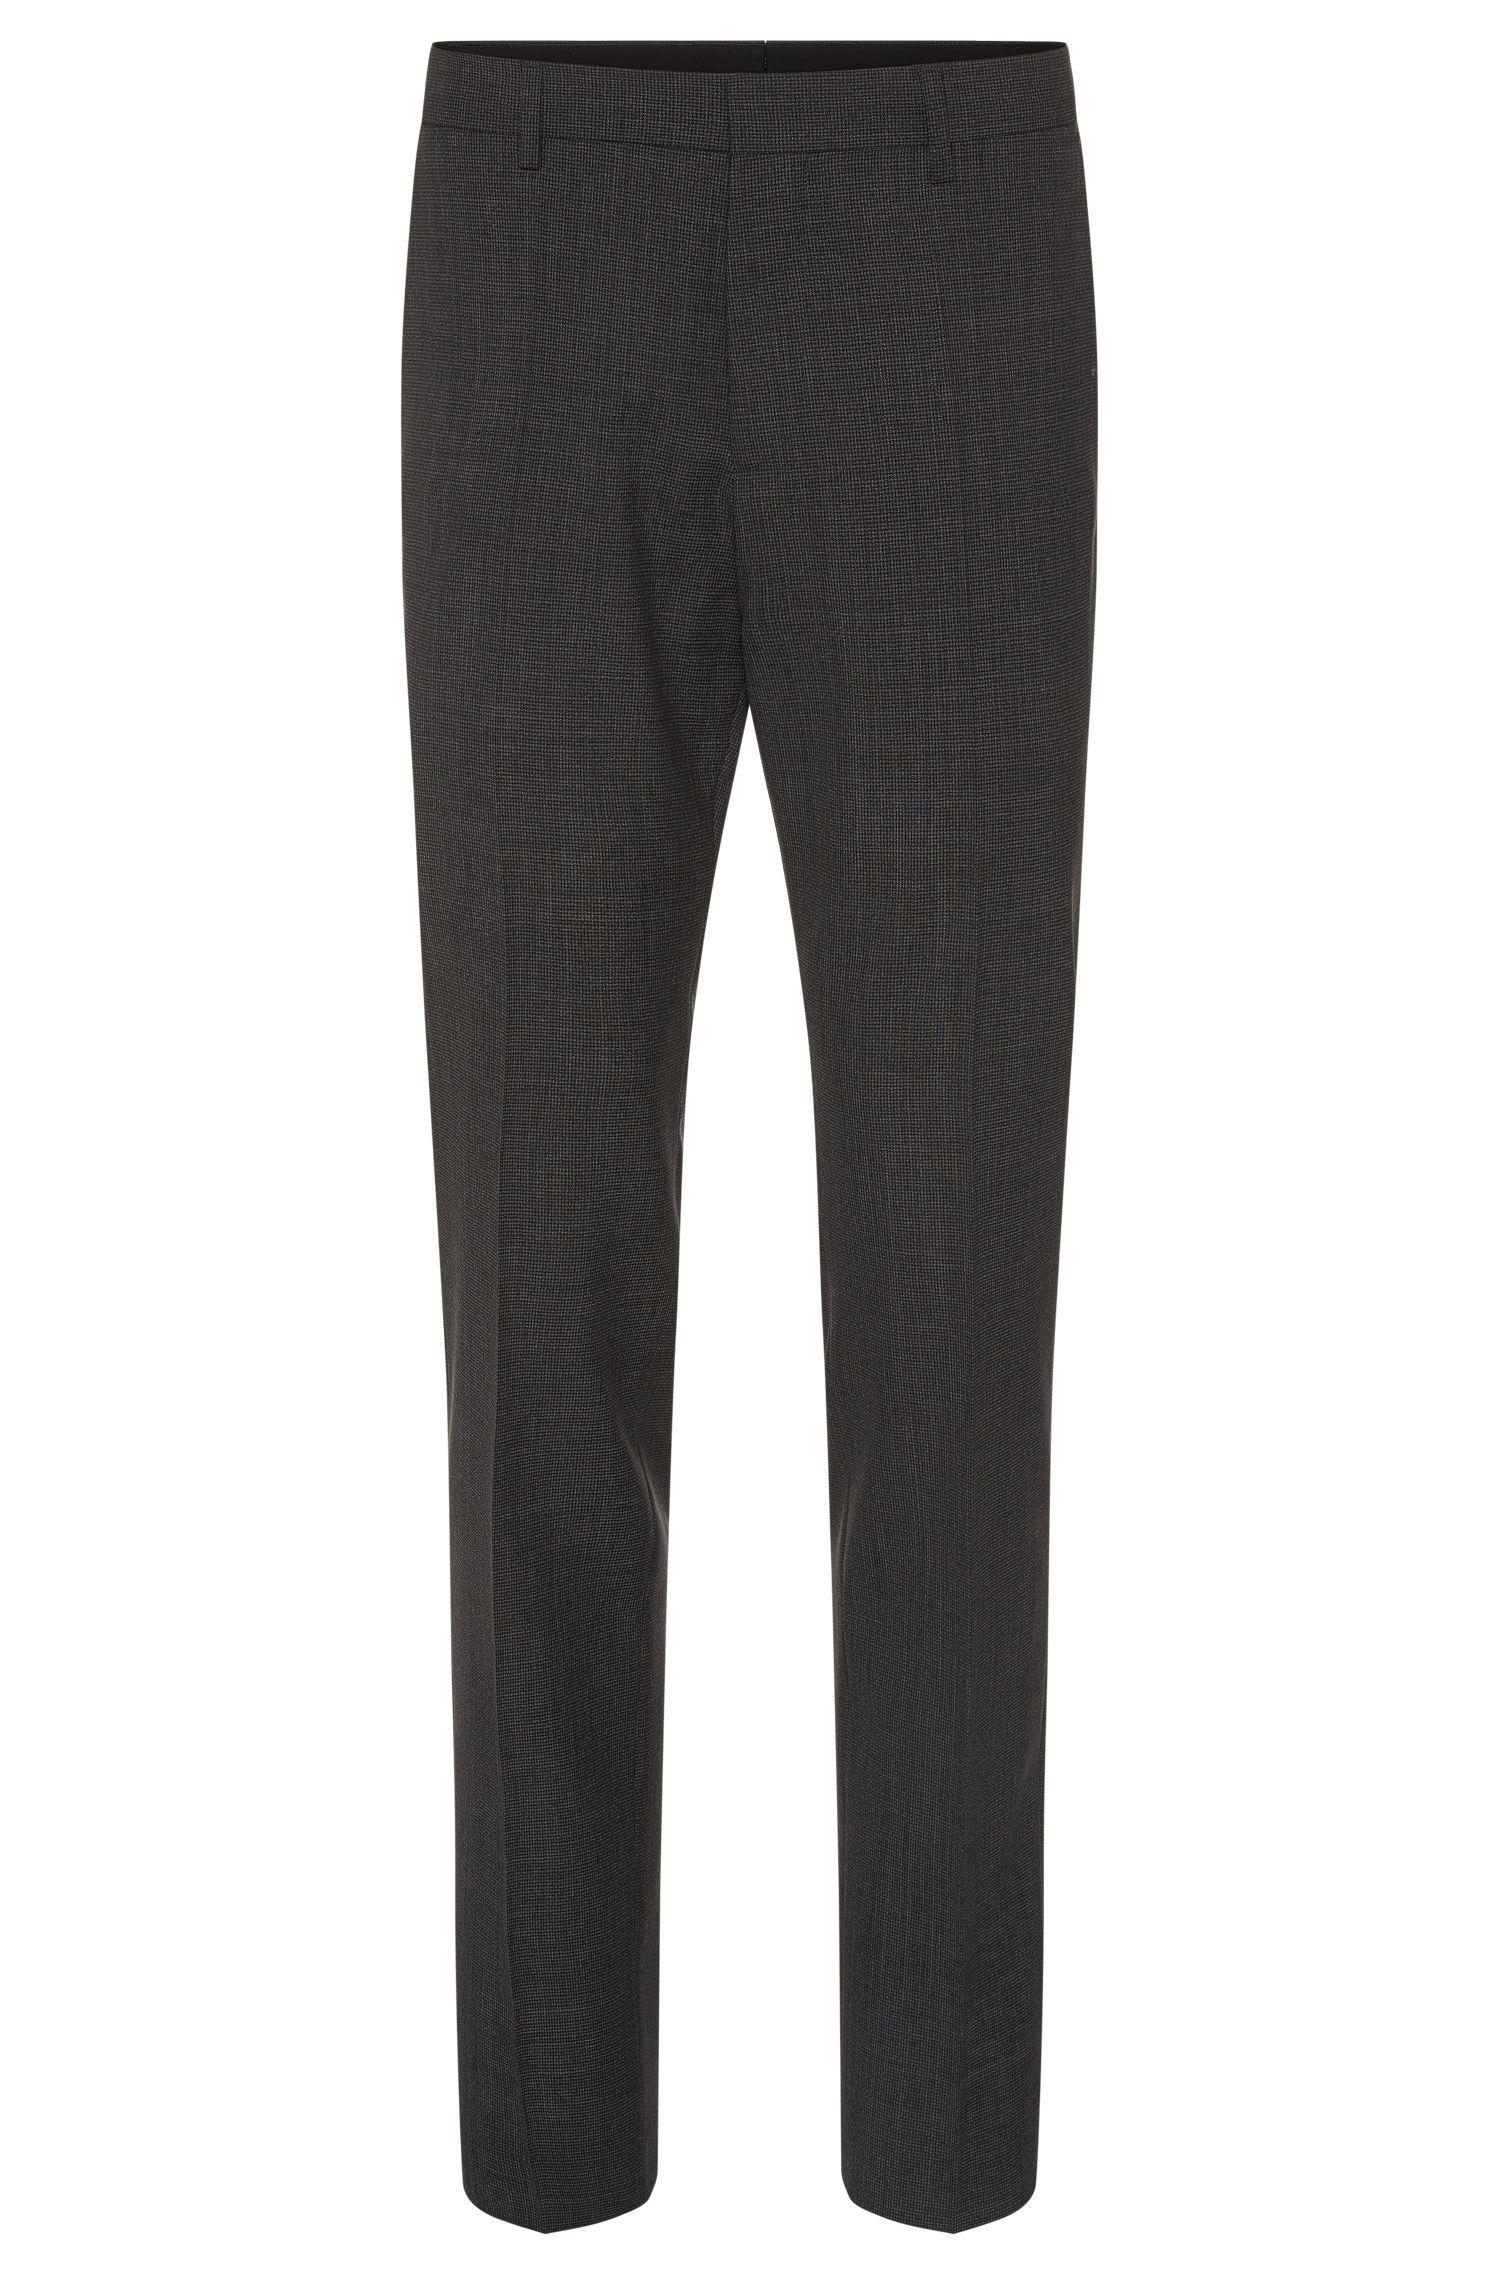 'Genesis'   Slim Fit, Virgin Wool Patterned Dress Pants